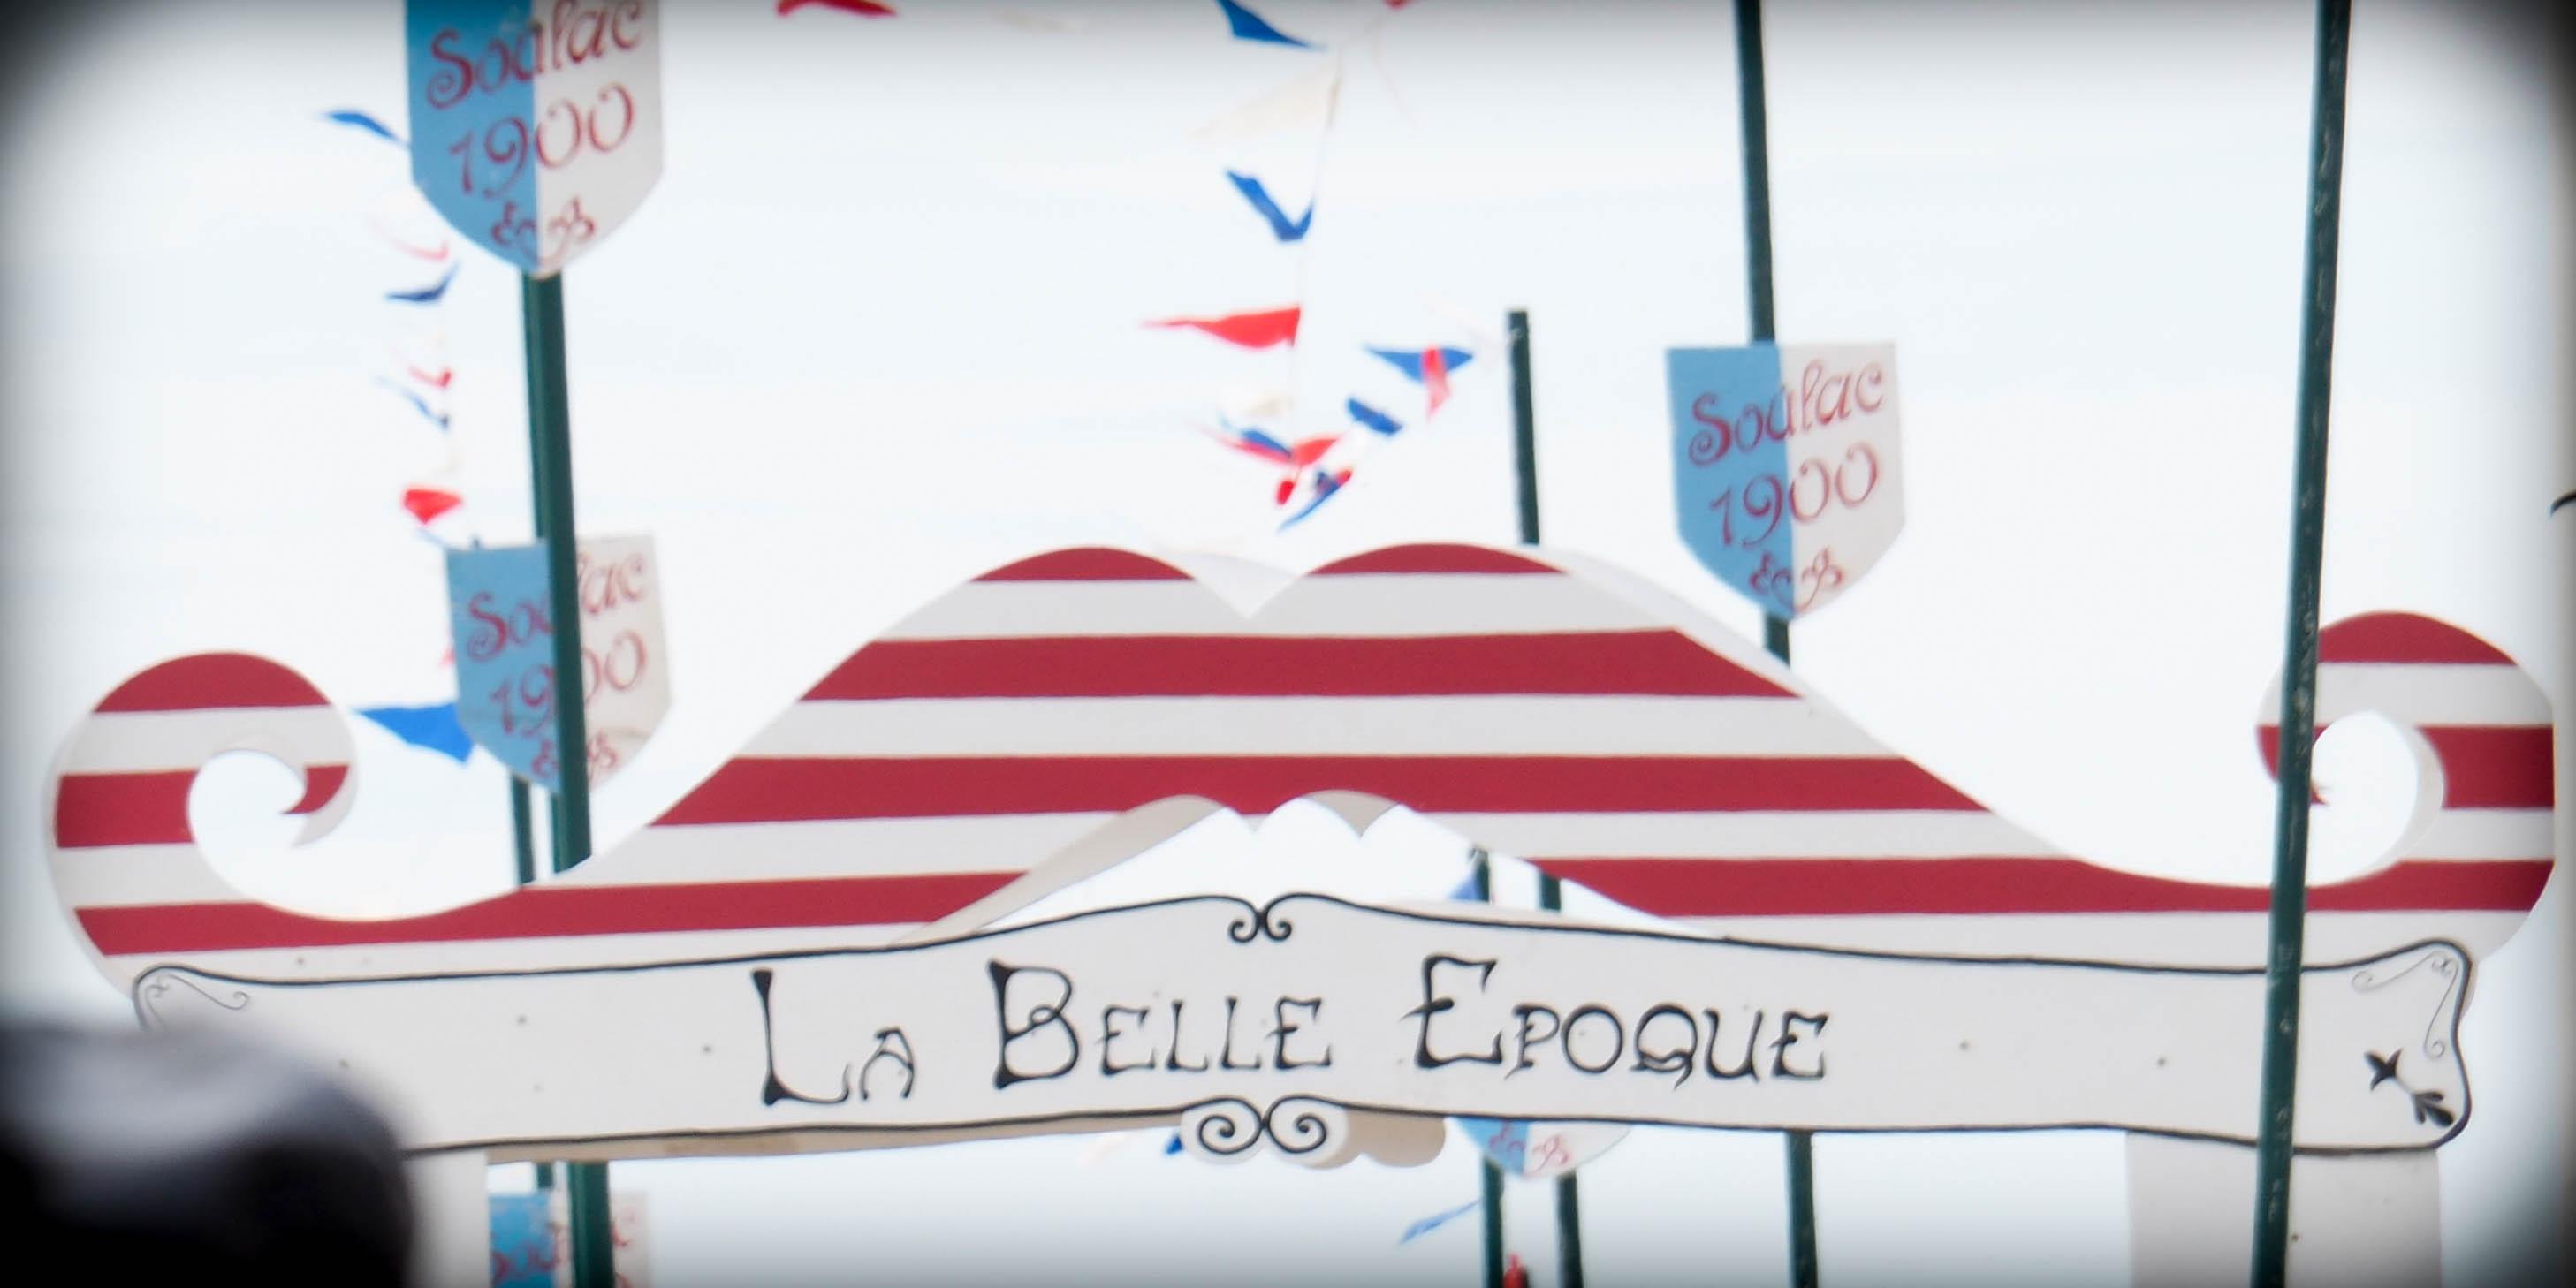 Soulac 1900 - La Belle Epoque - Moustache